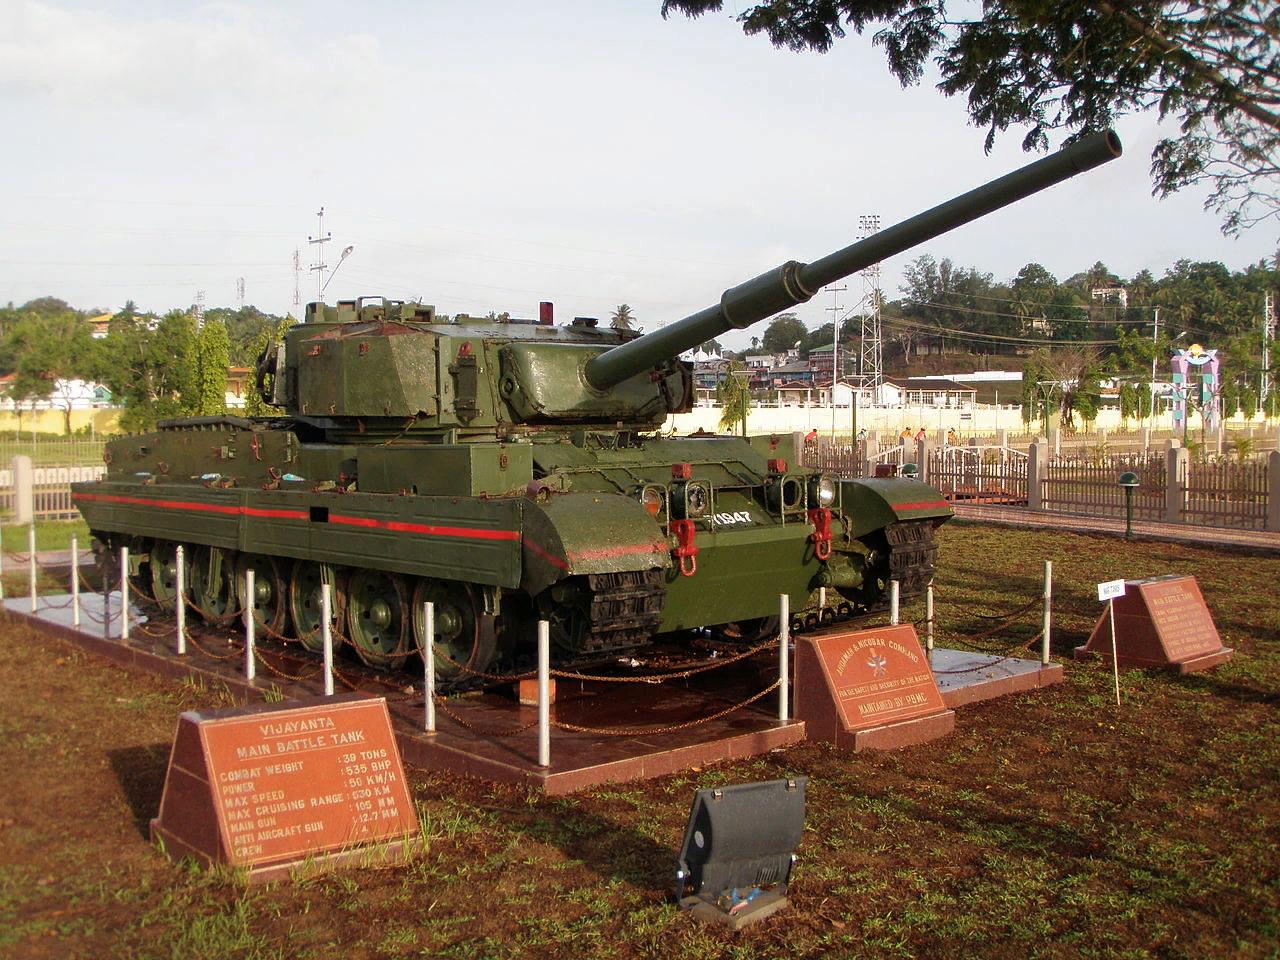 Памятник с Vijayanta. Танк снят с вооружения в 2008 году